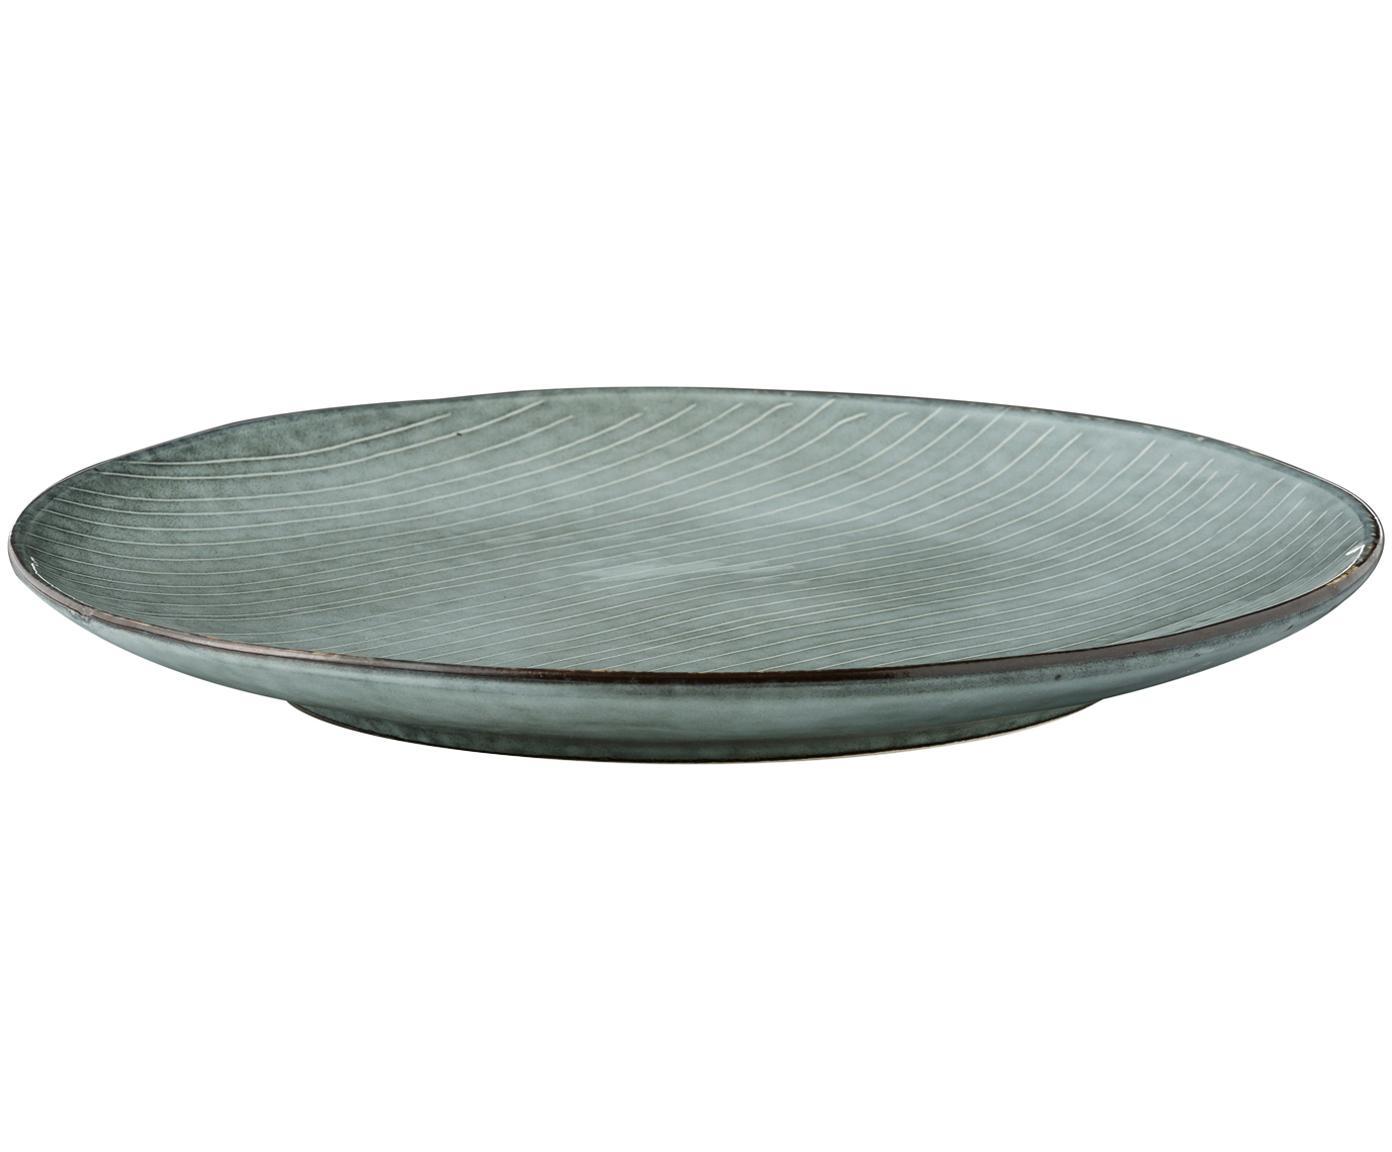 Platos llanos artesanales Nordic Sea, 4uds., Gres, Tonos de gris y azul, Ø 26 cm